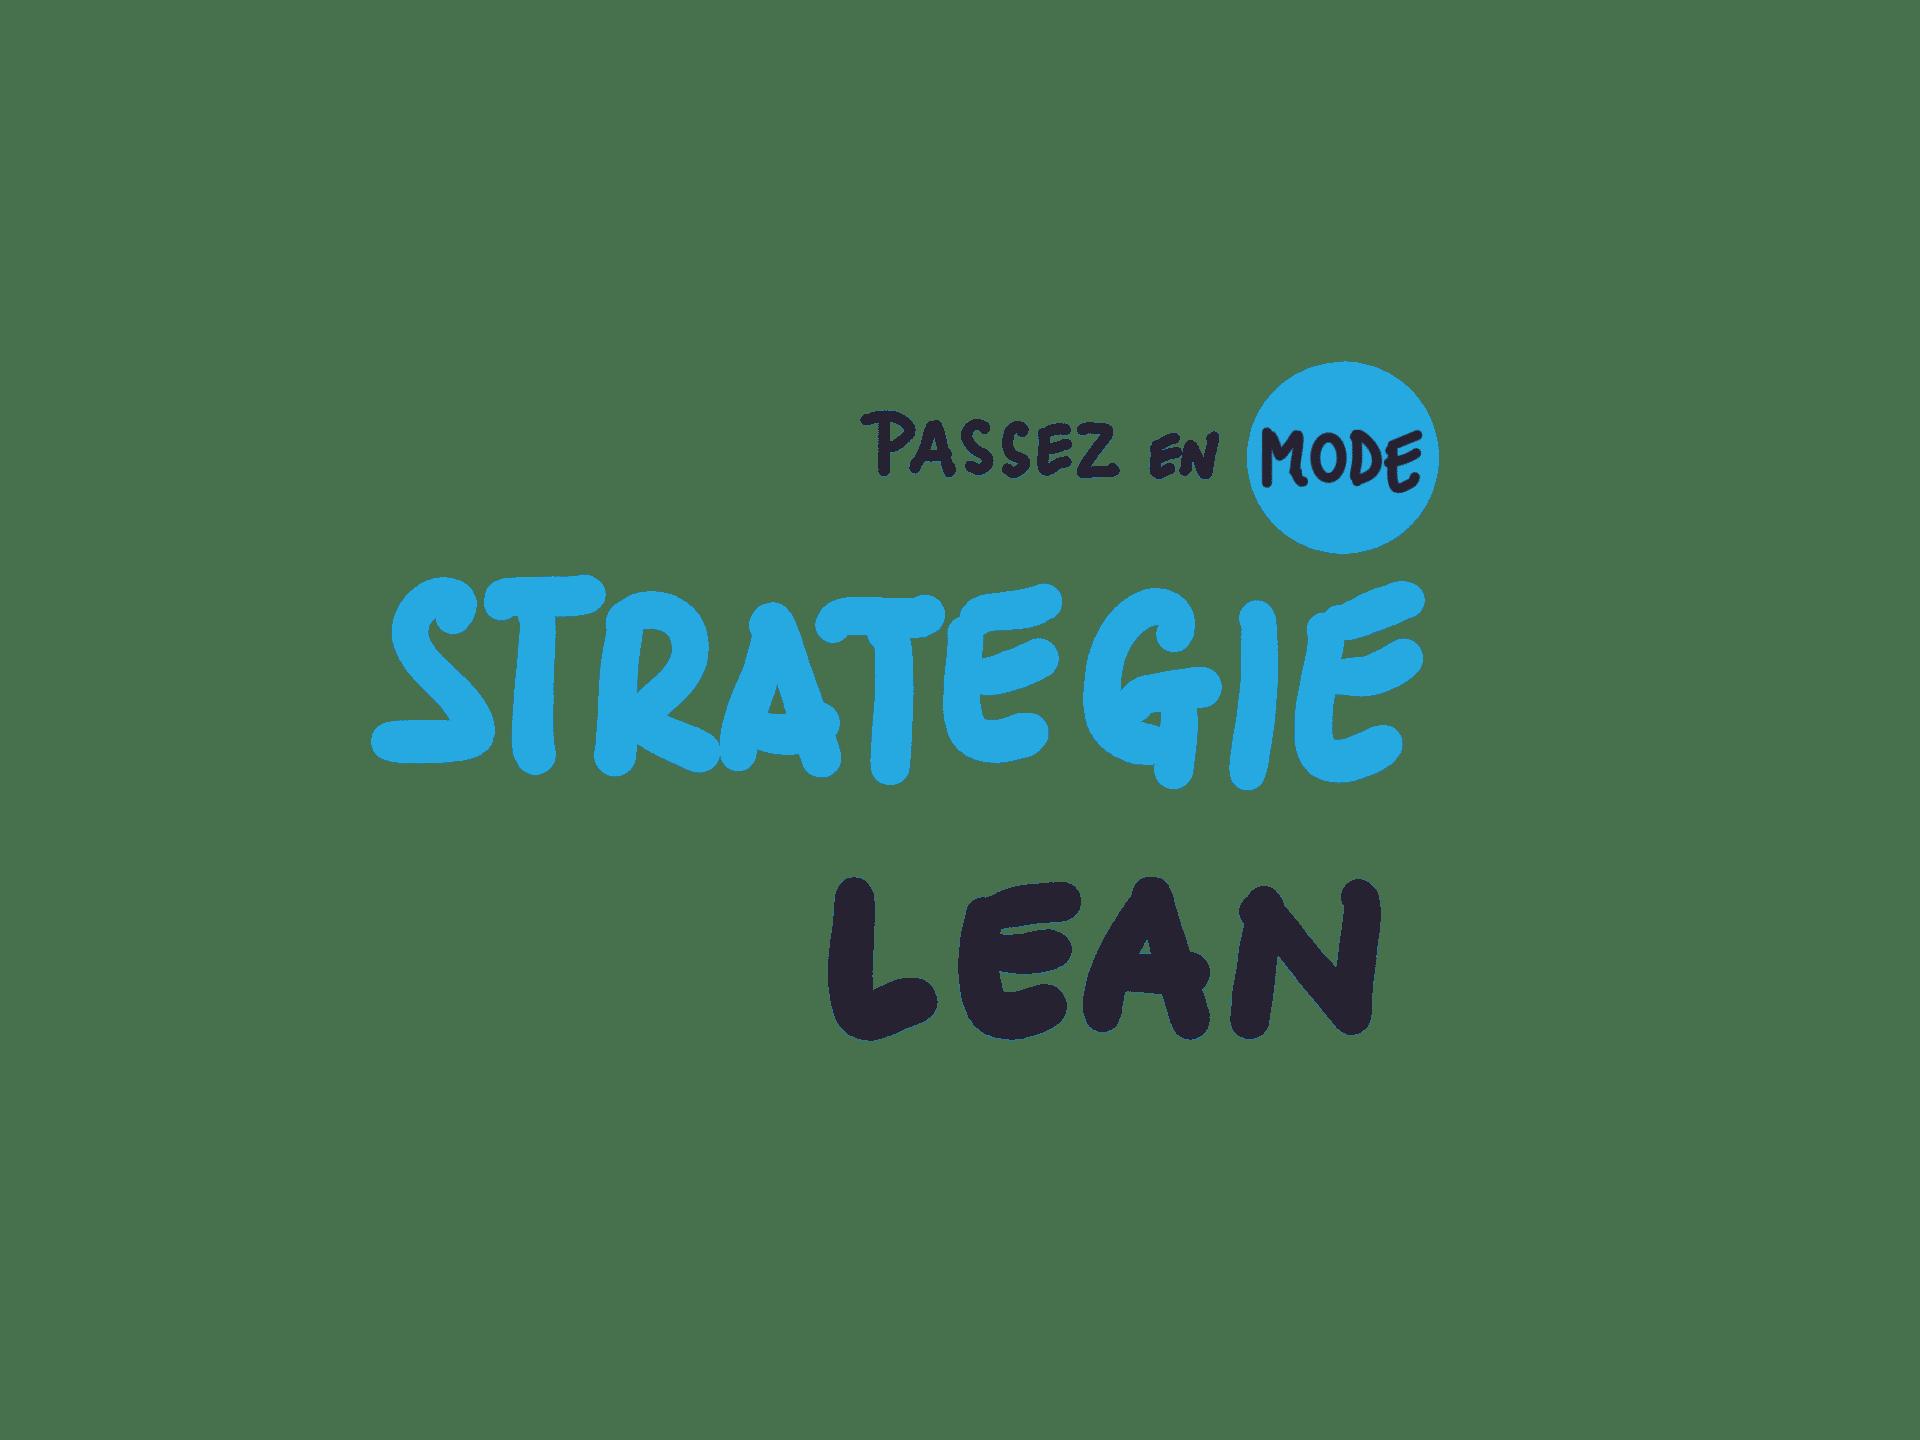 stratégie lean